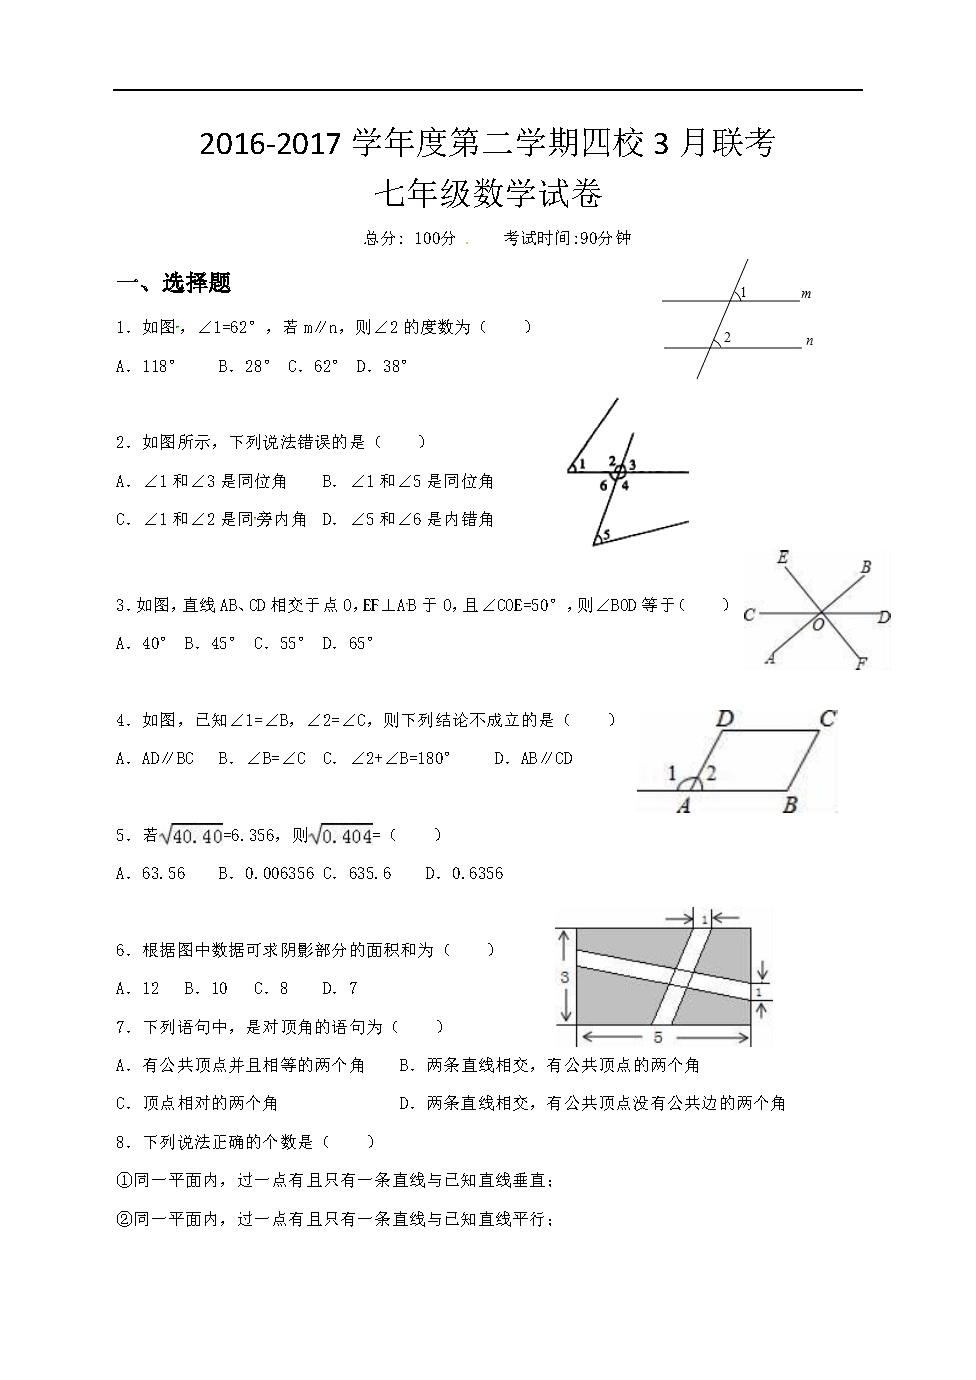 2017湖北武汉侏儒山街四校七年级3月月考数学试题(Word版)